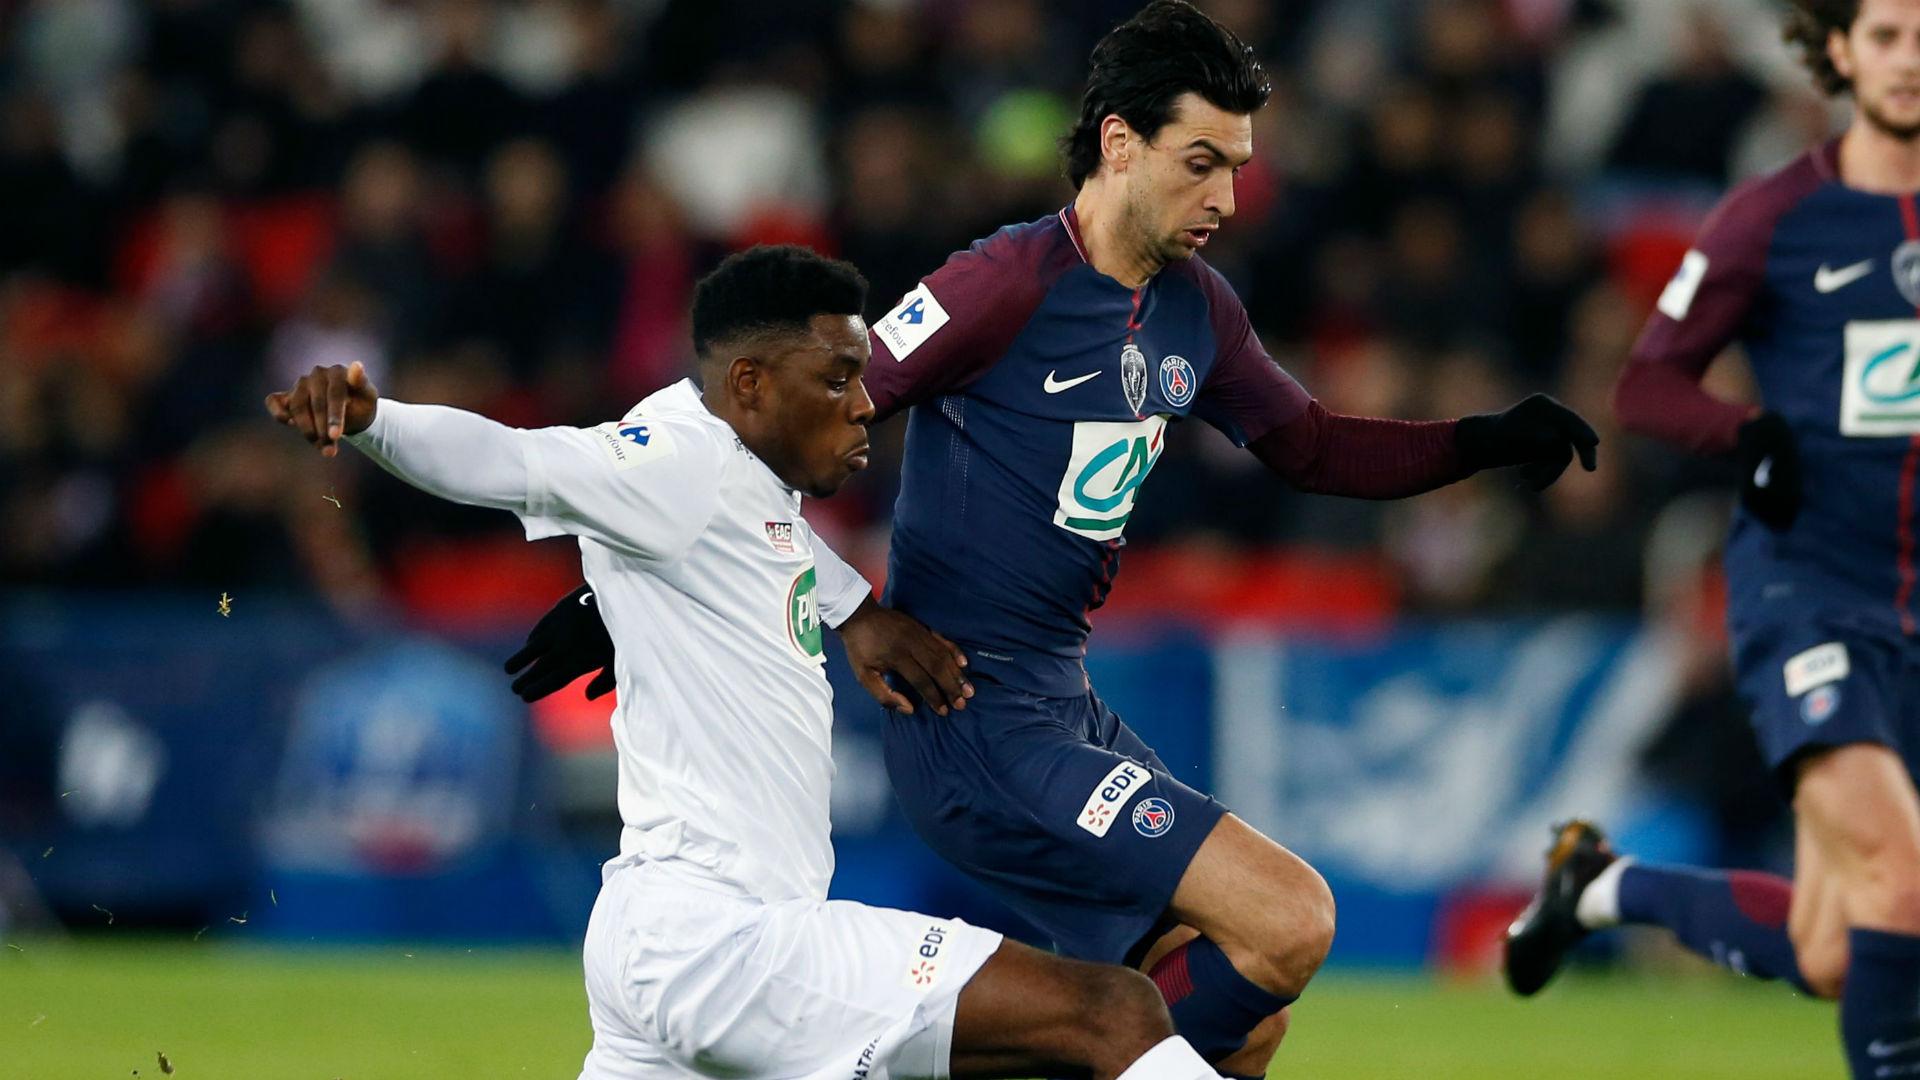 Il mercato delle altre: Inter, Joao Mario al passo d'addio